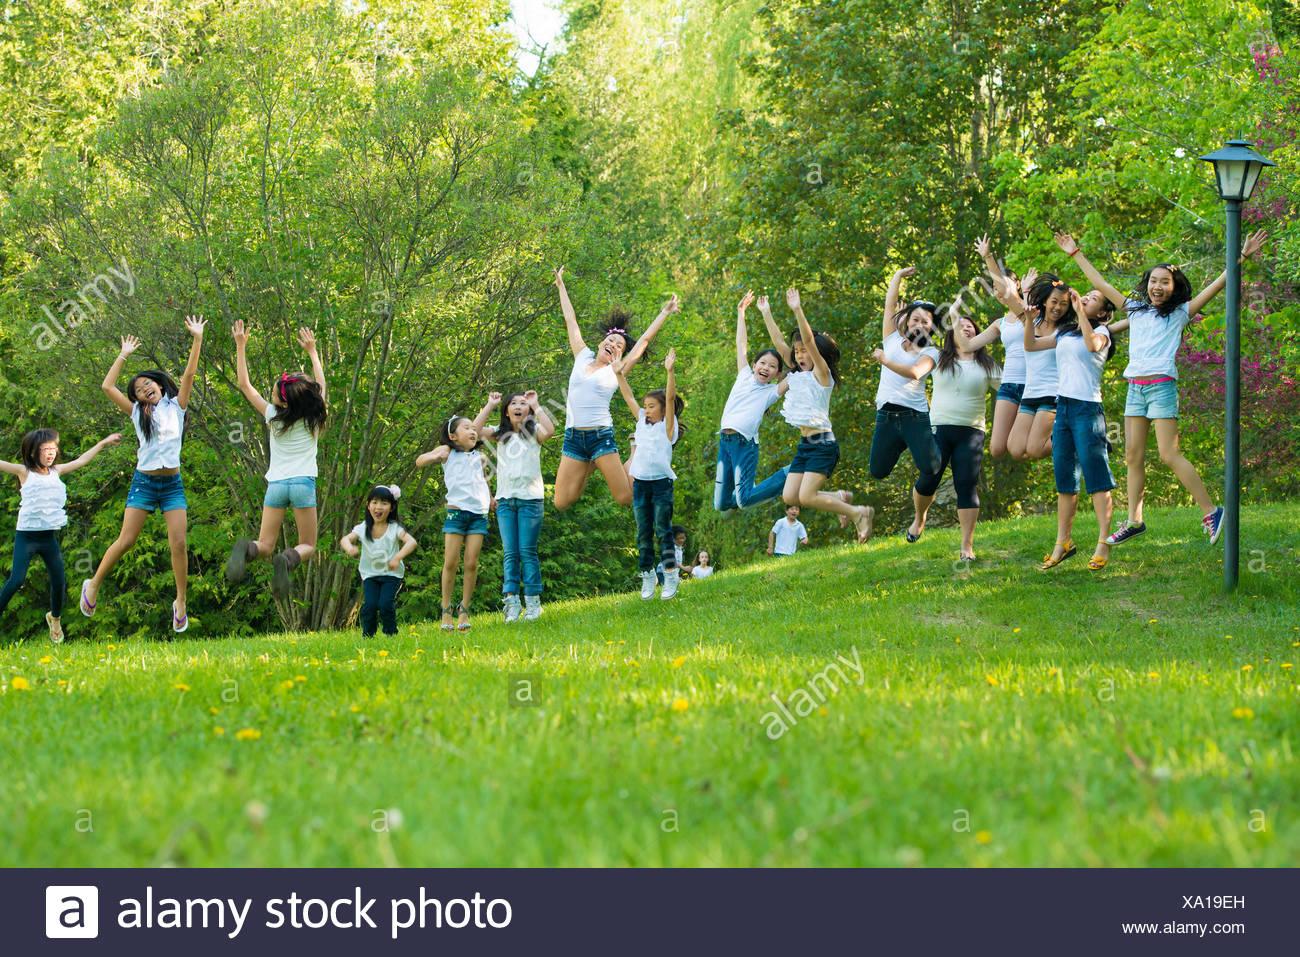 Un folto gruppo di bambini jumping in posizione di parcheggio Immagini Stock